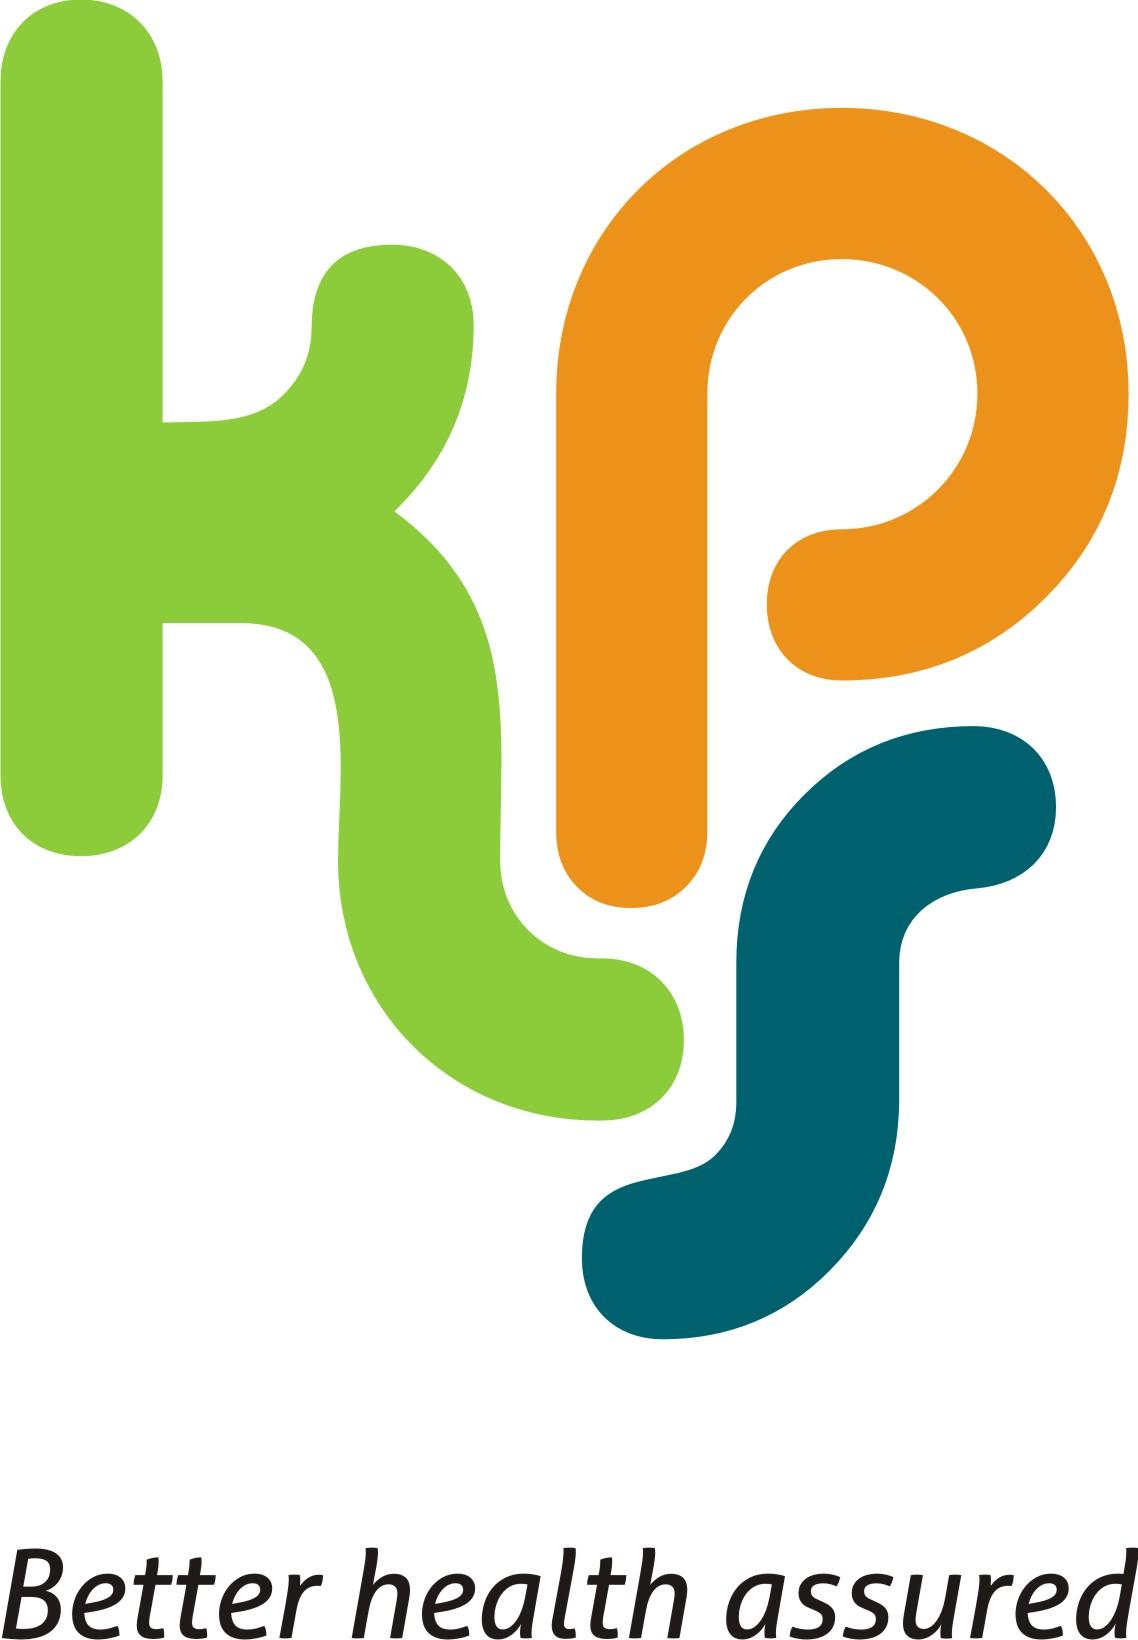 Kps Hospitals